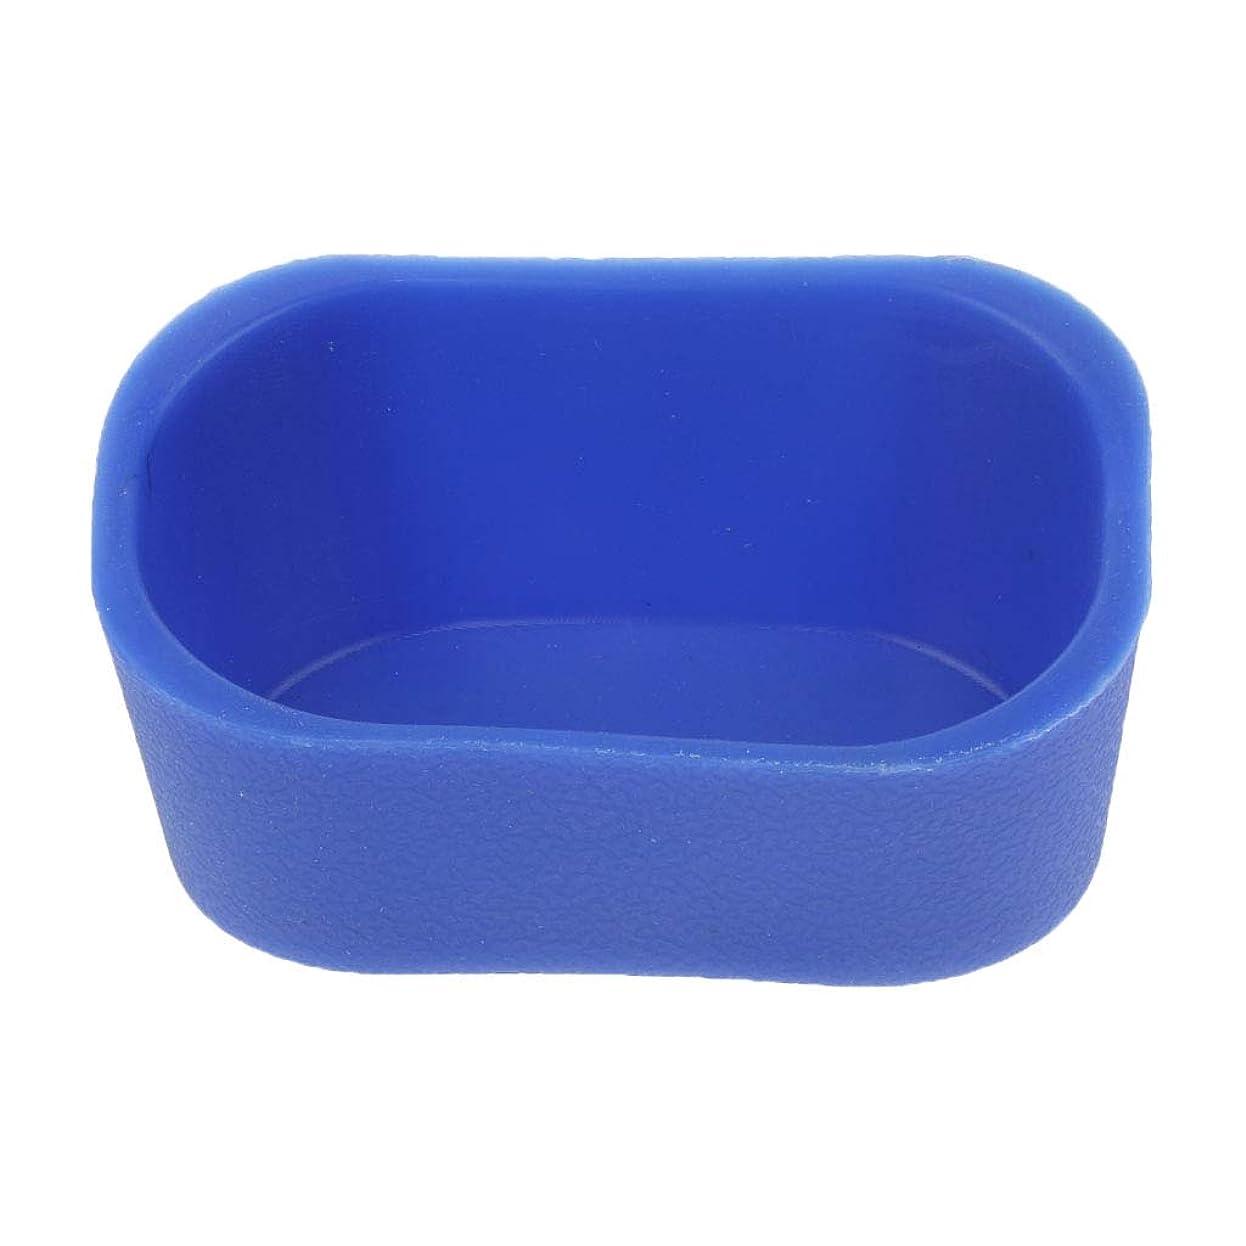 ロック利益ケーキD DOLITY シャンプーボウル ピロー ネックレス クッション 高品質 5色選べ - 青